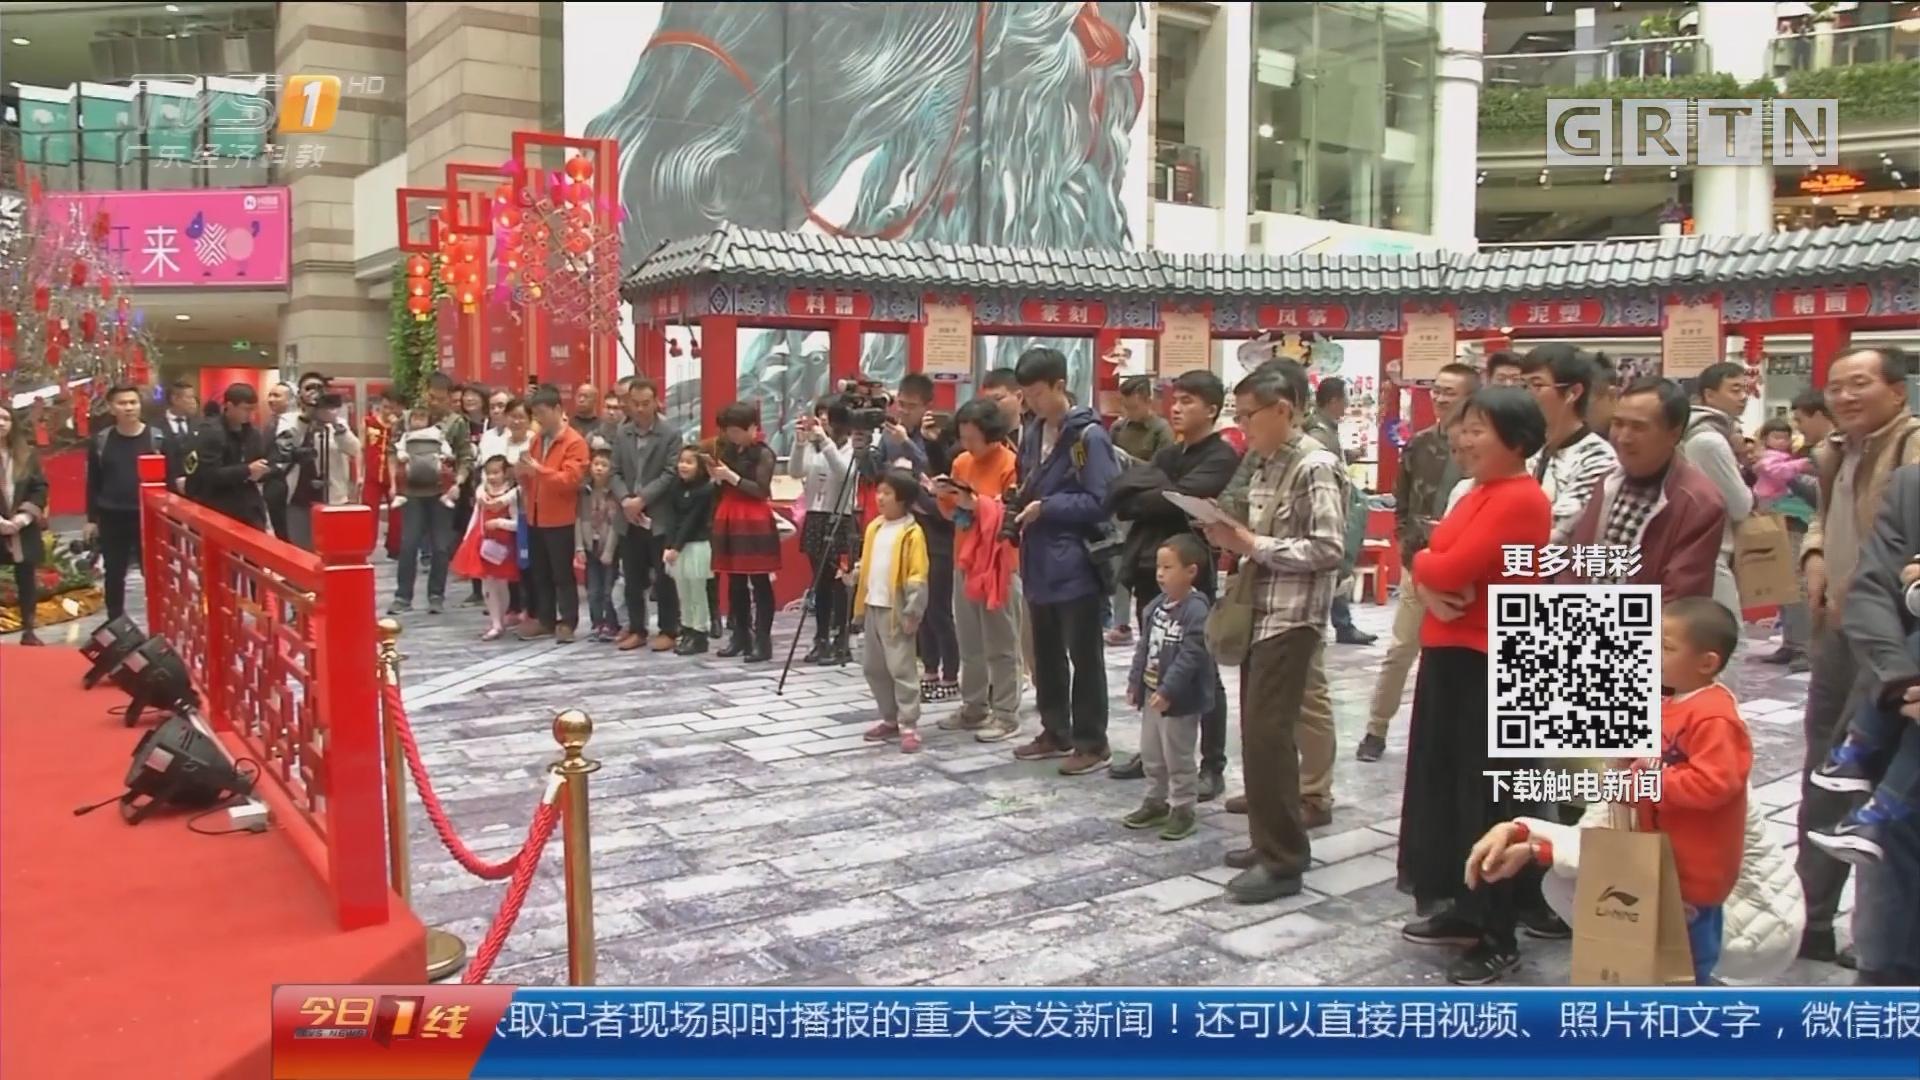 广州天河:逛庙会迎新春 热闹非凡